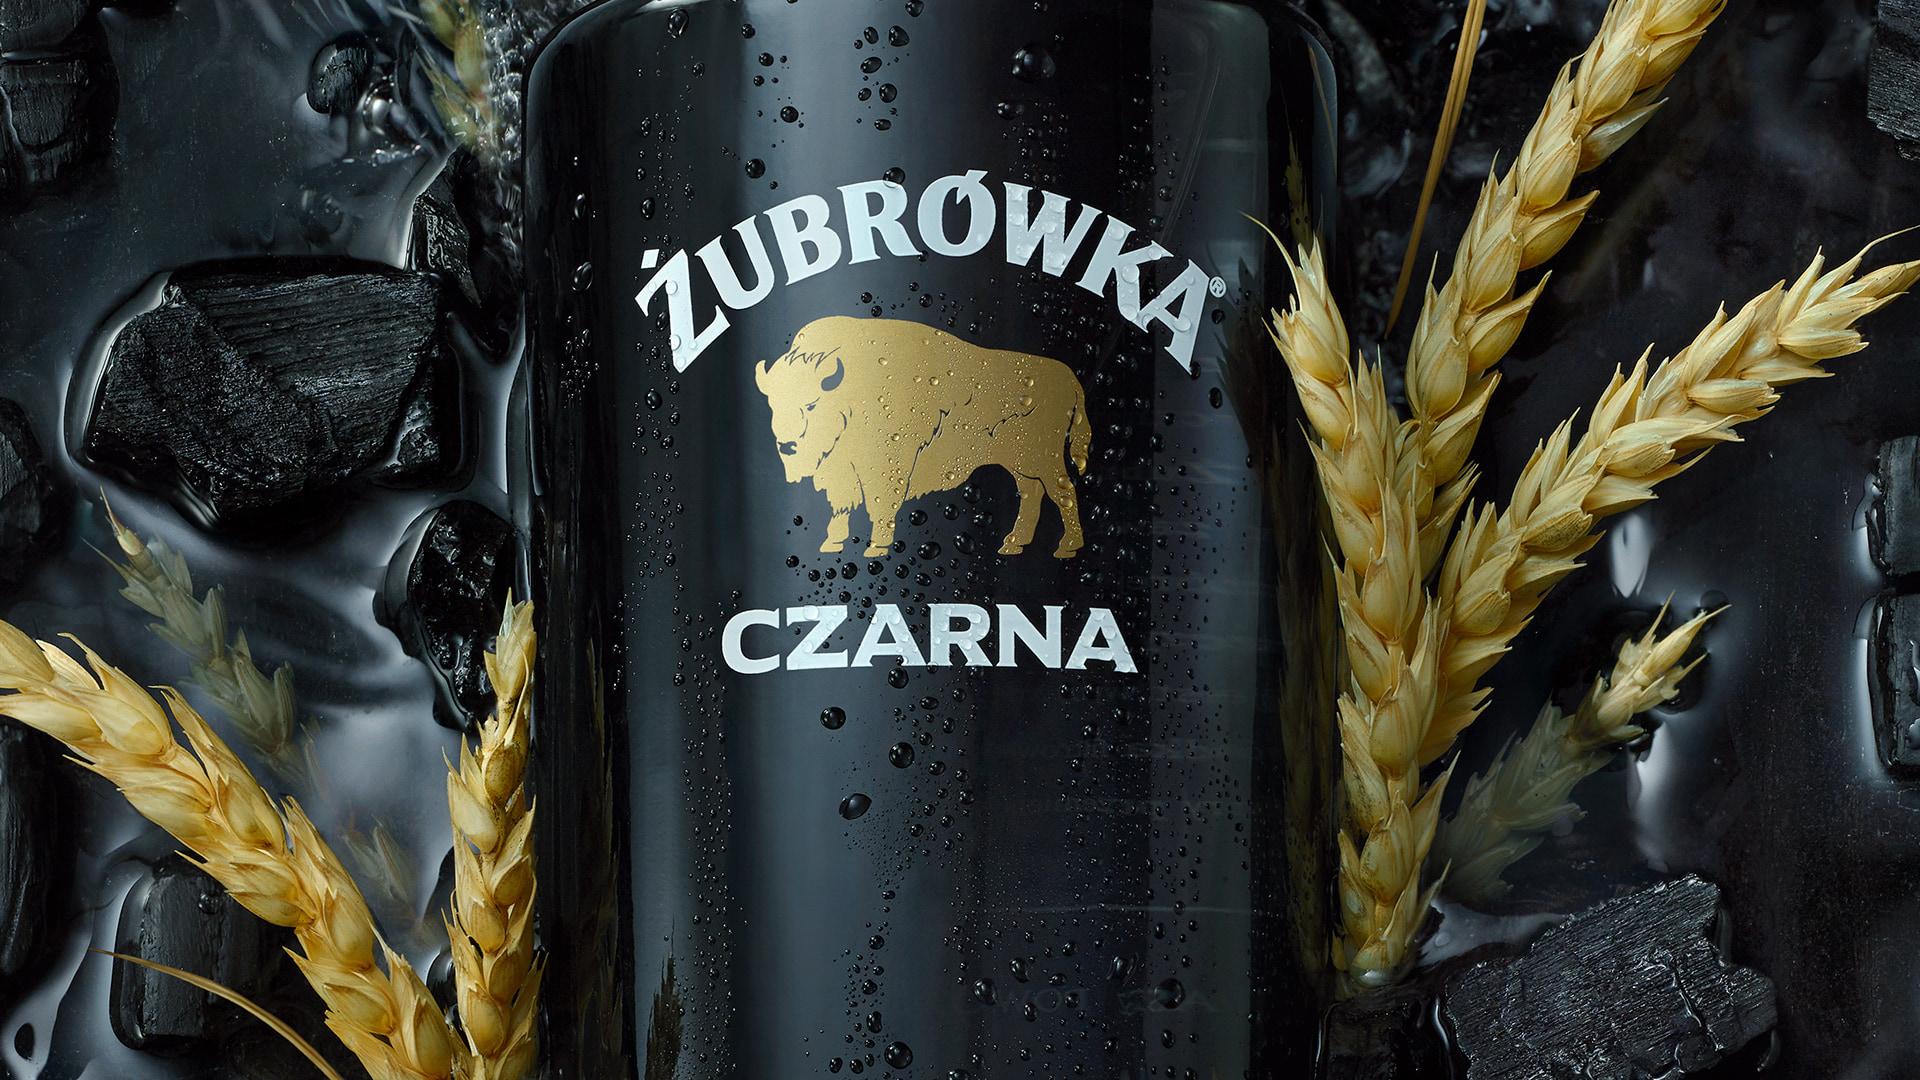 mosk_zubrowka_czarna_d1